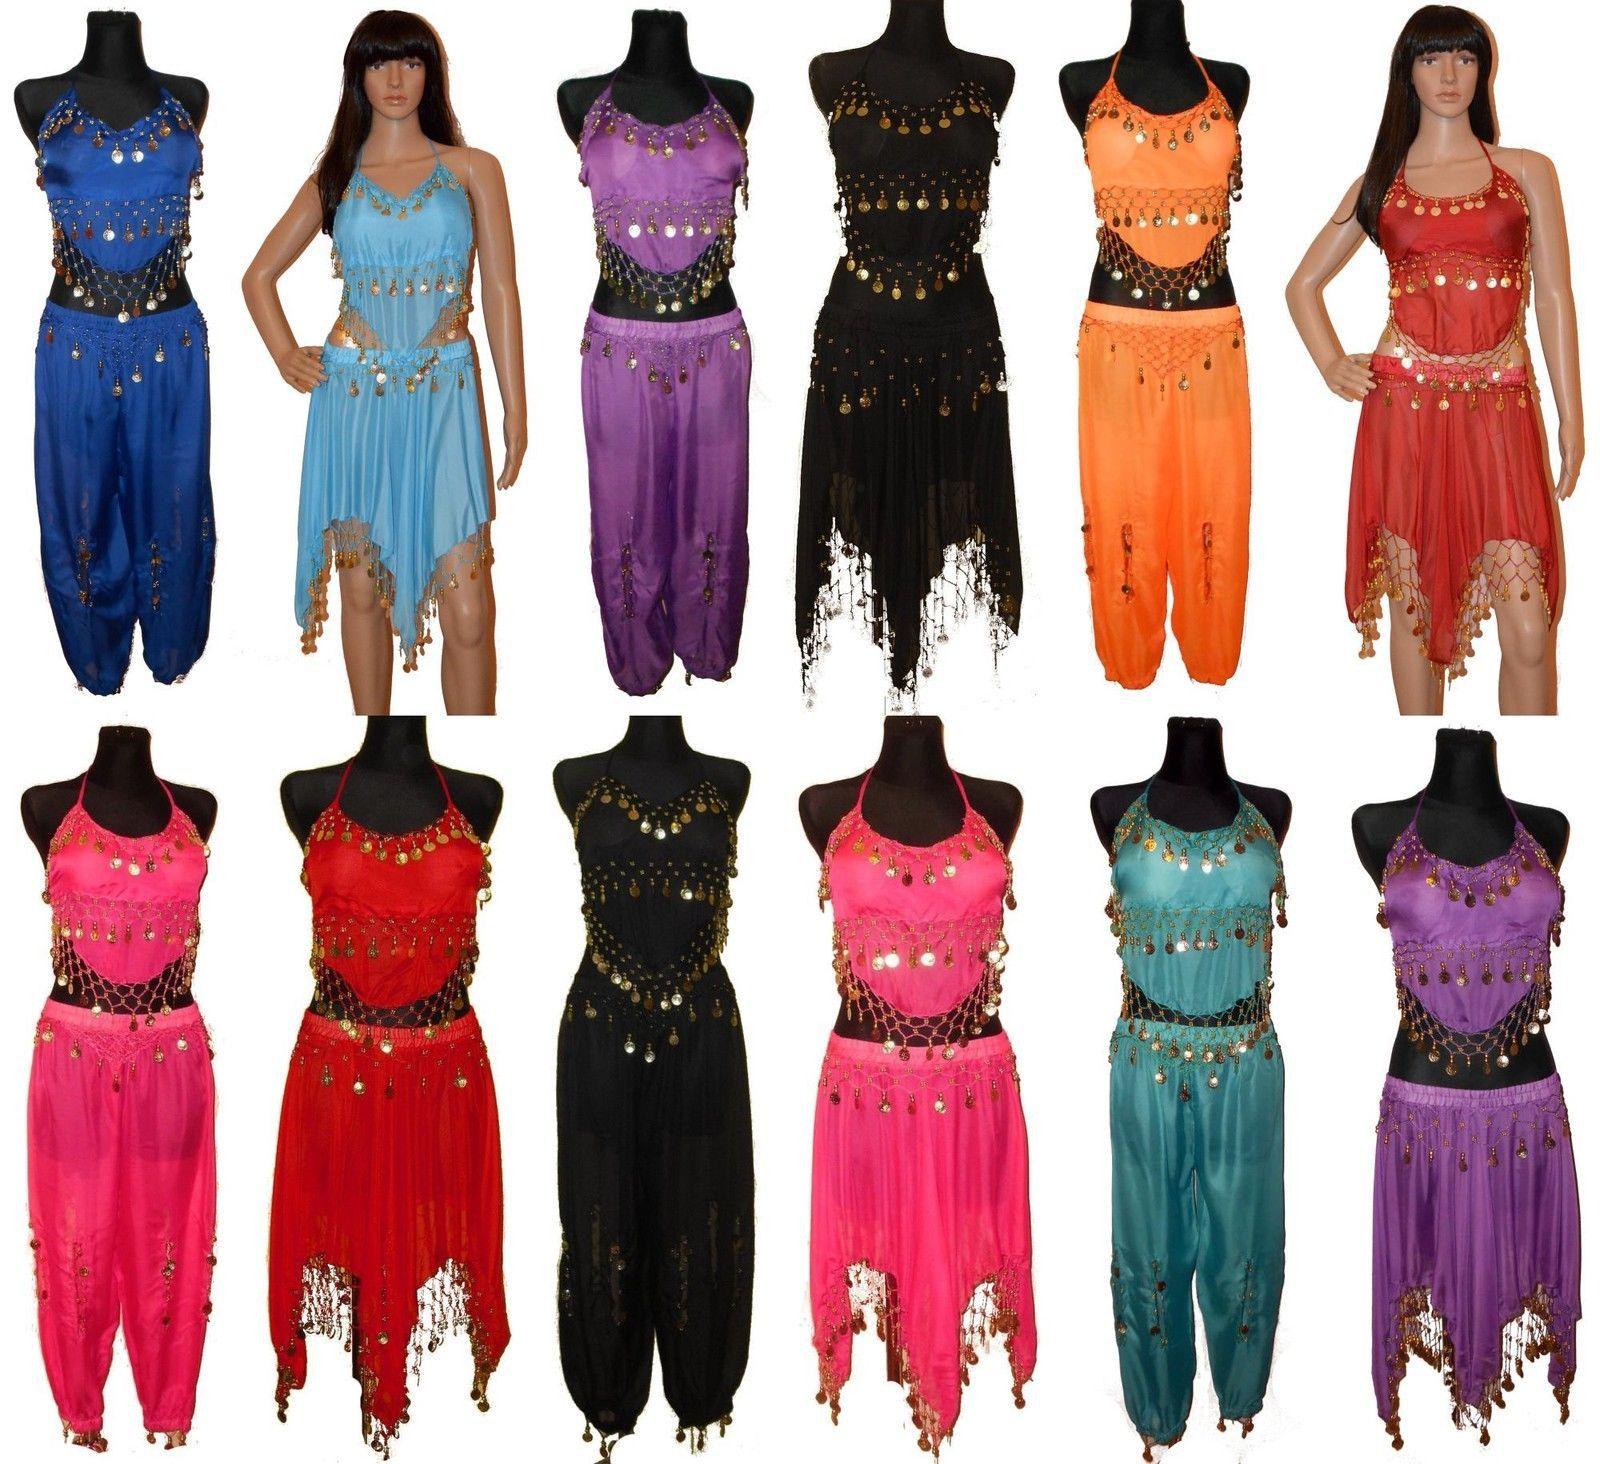 Details Zu Bauchtanz Kostum Belly Dance Komplett Samba Tanz Karneval